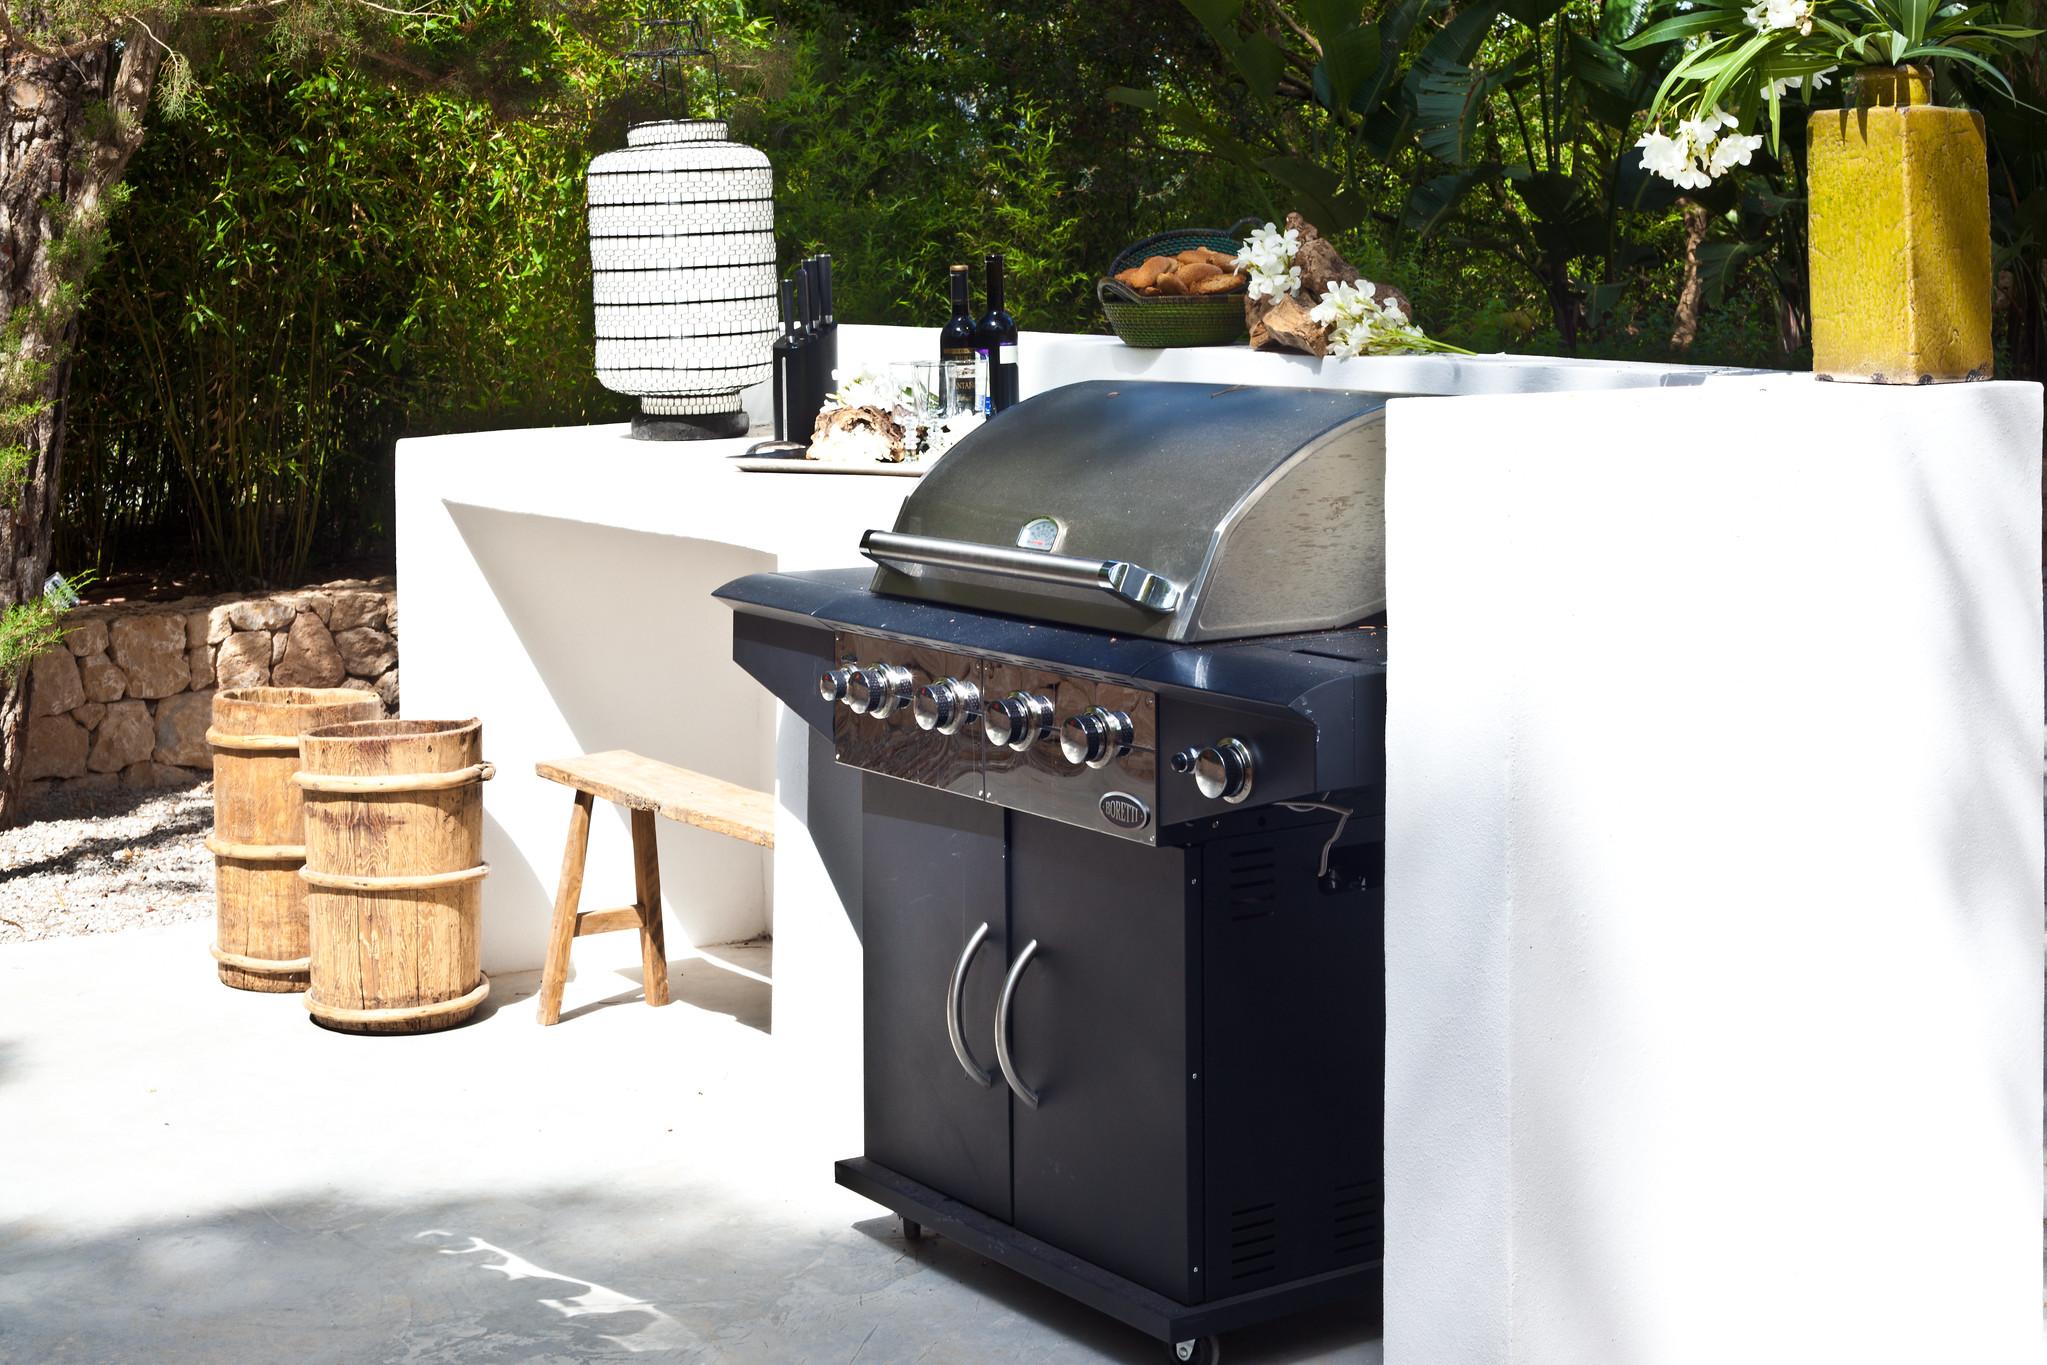 https://www.white-ibiza.com/wp-content/uploads/2020/05/white-ibiza-villas-casa-amalia-interior-barbecue.jpg